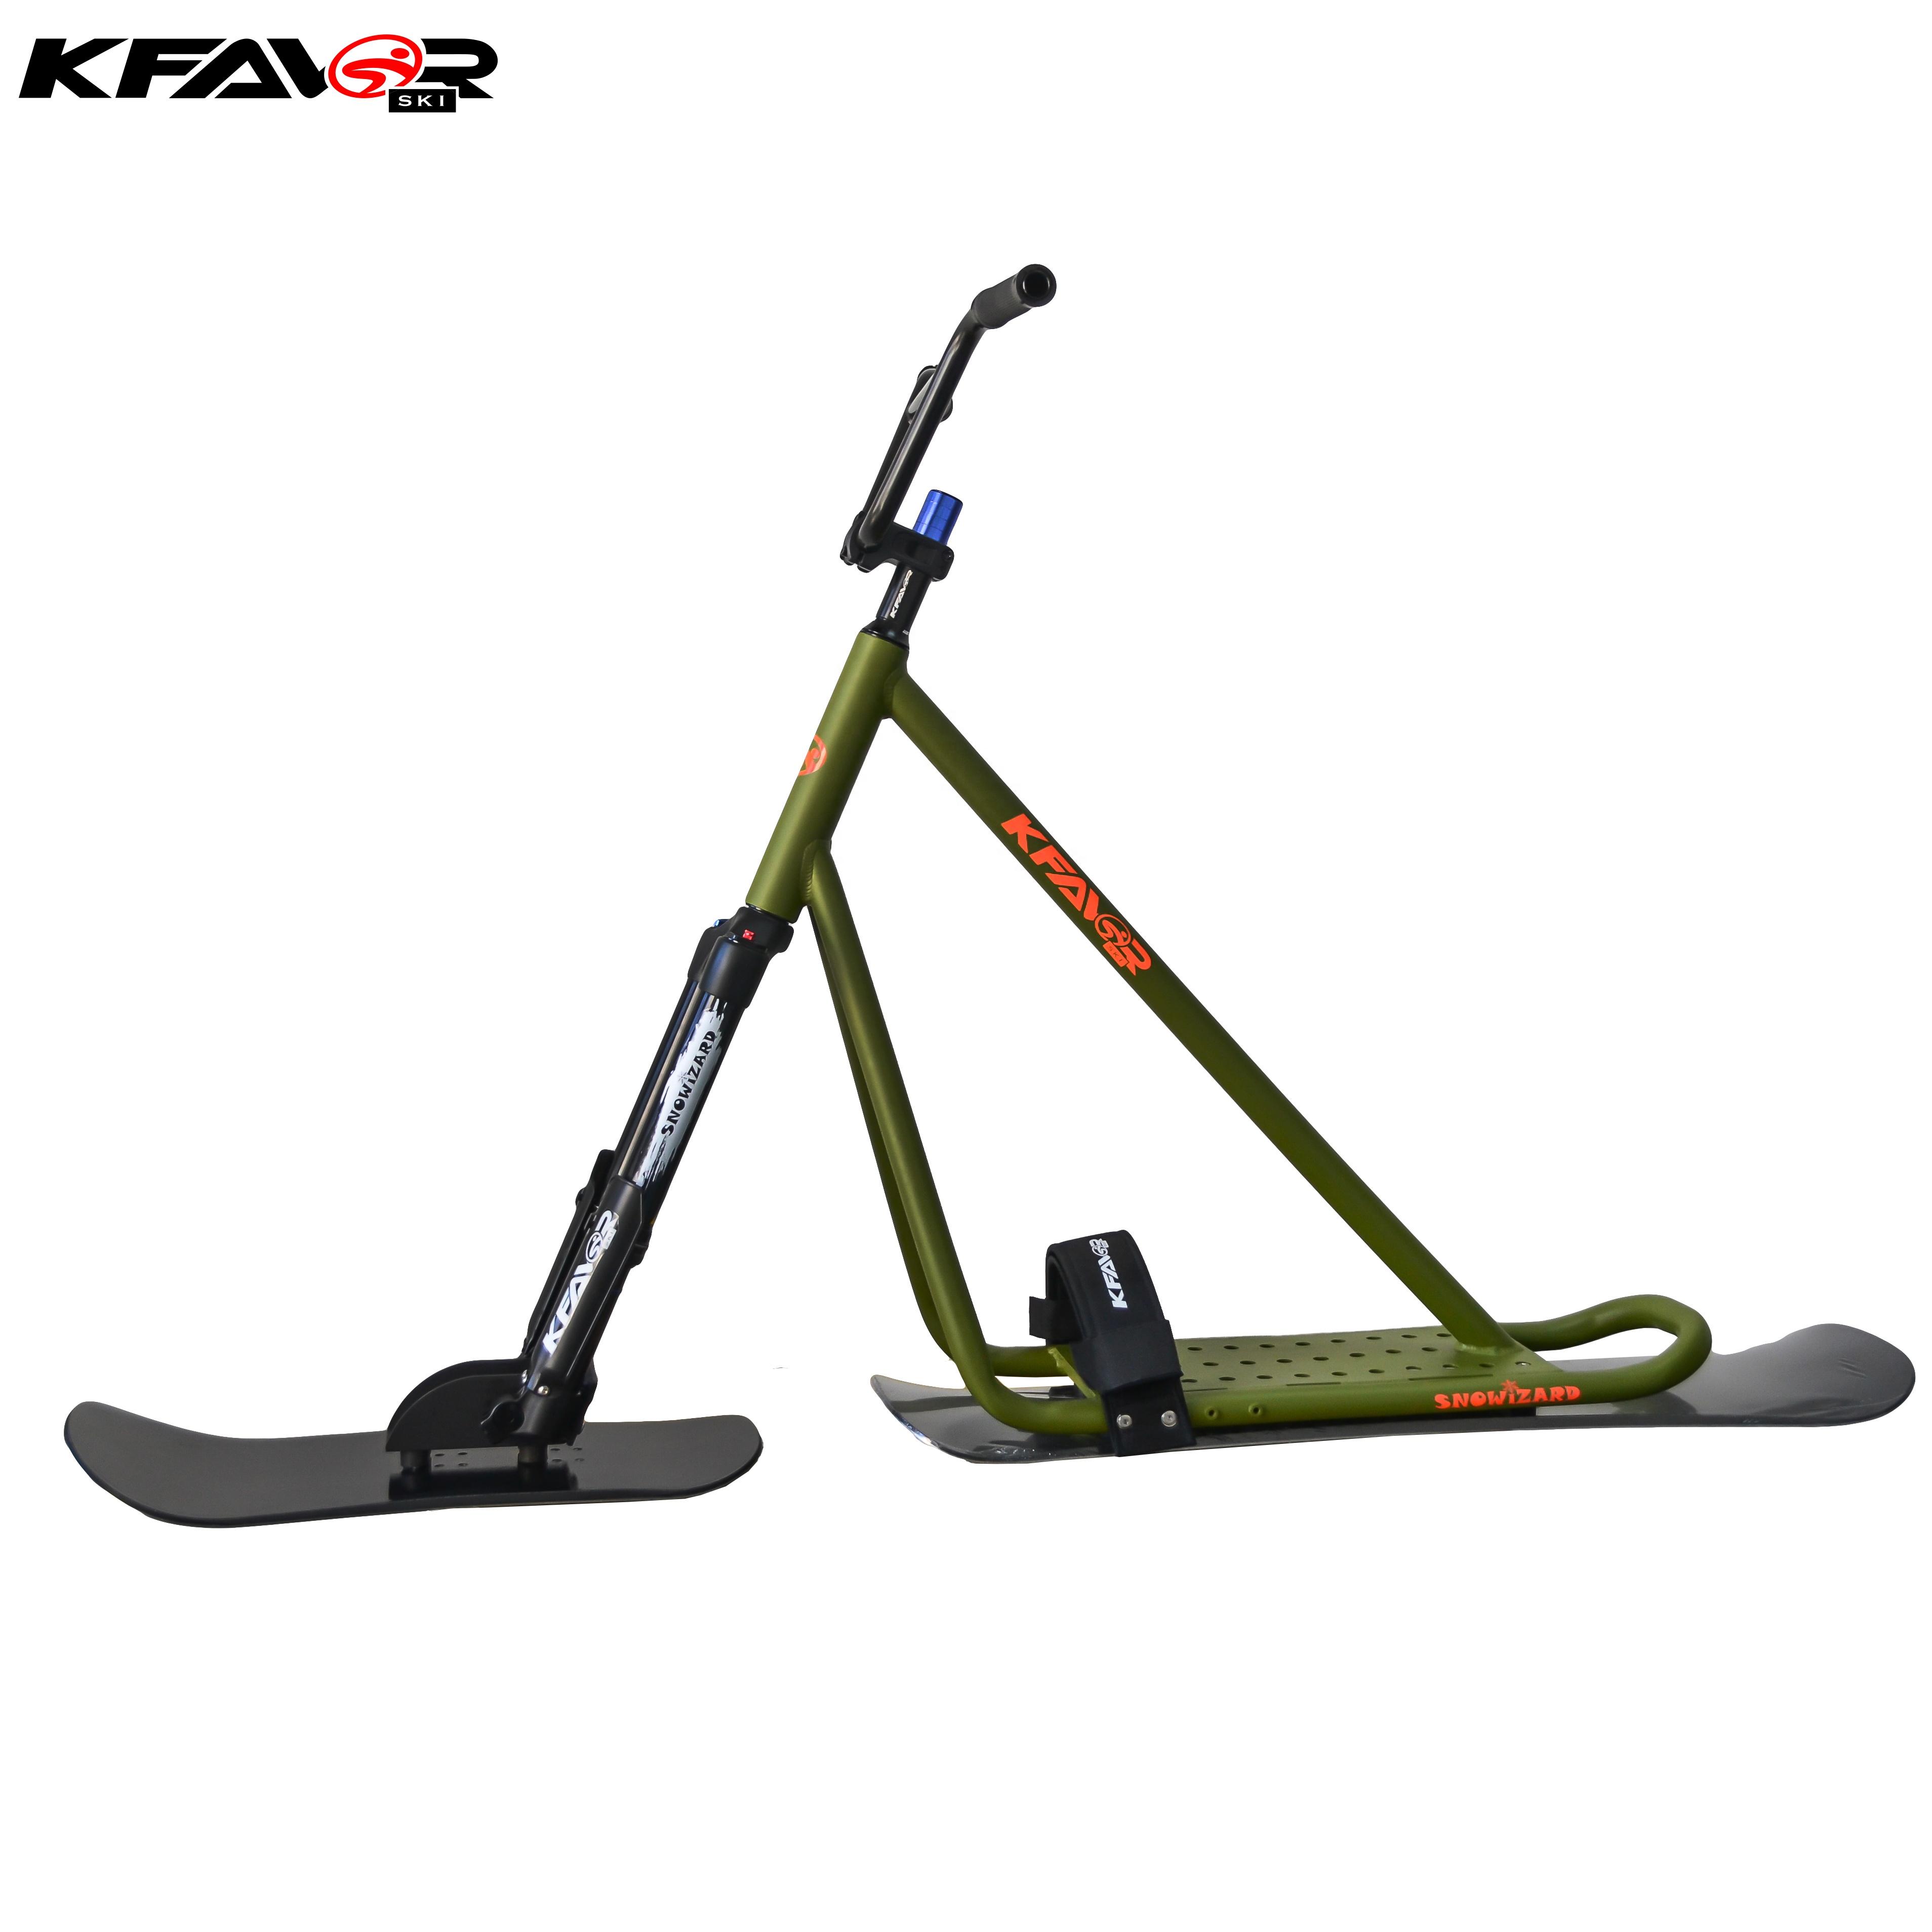 Ski Bike For Sale >> China Ski Bikes Wholesale Alibaba